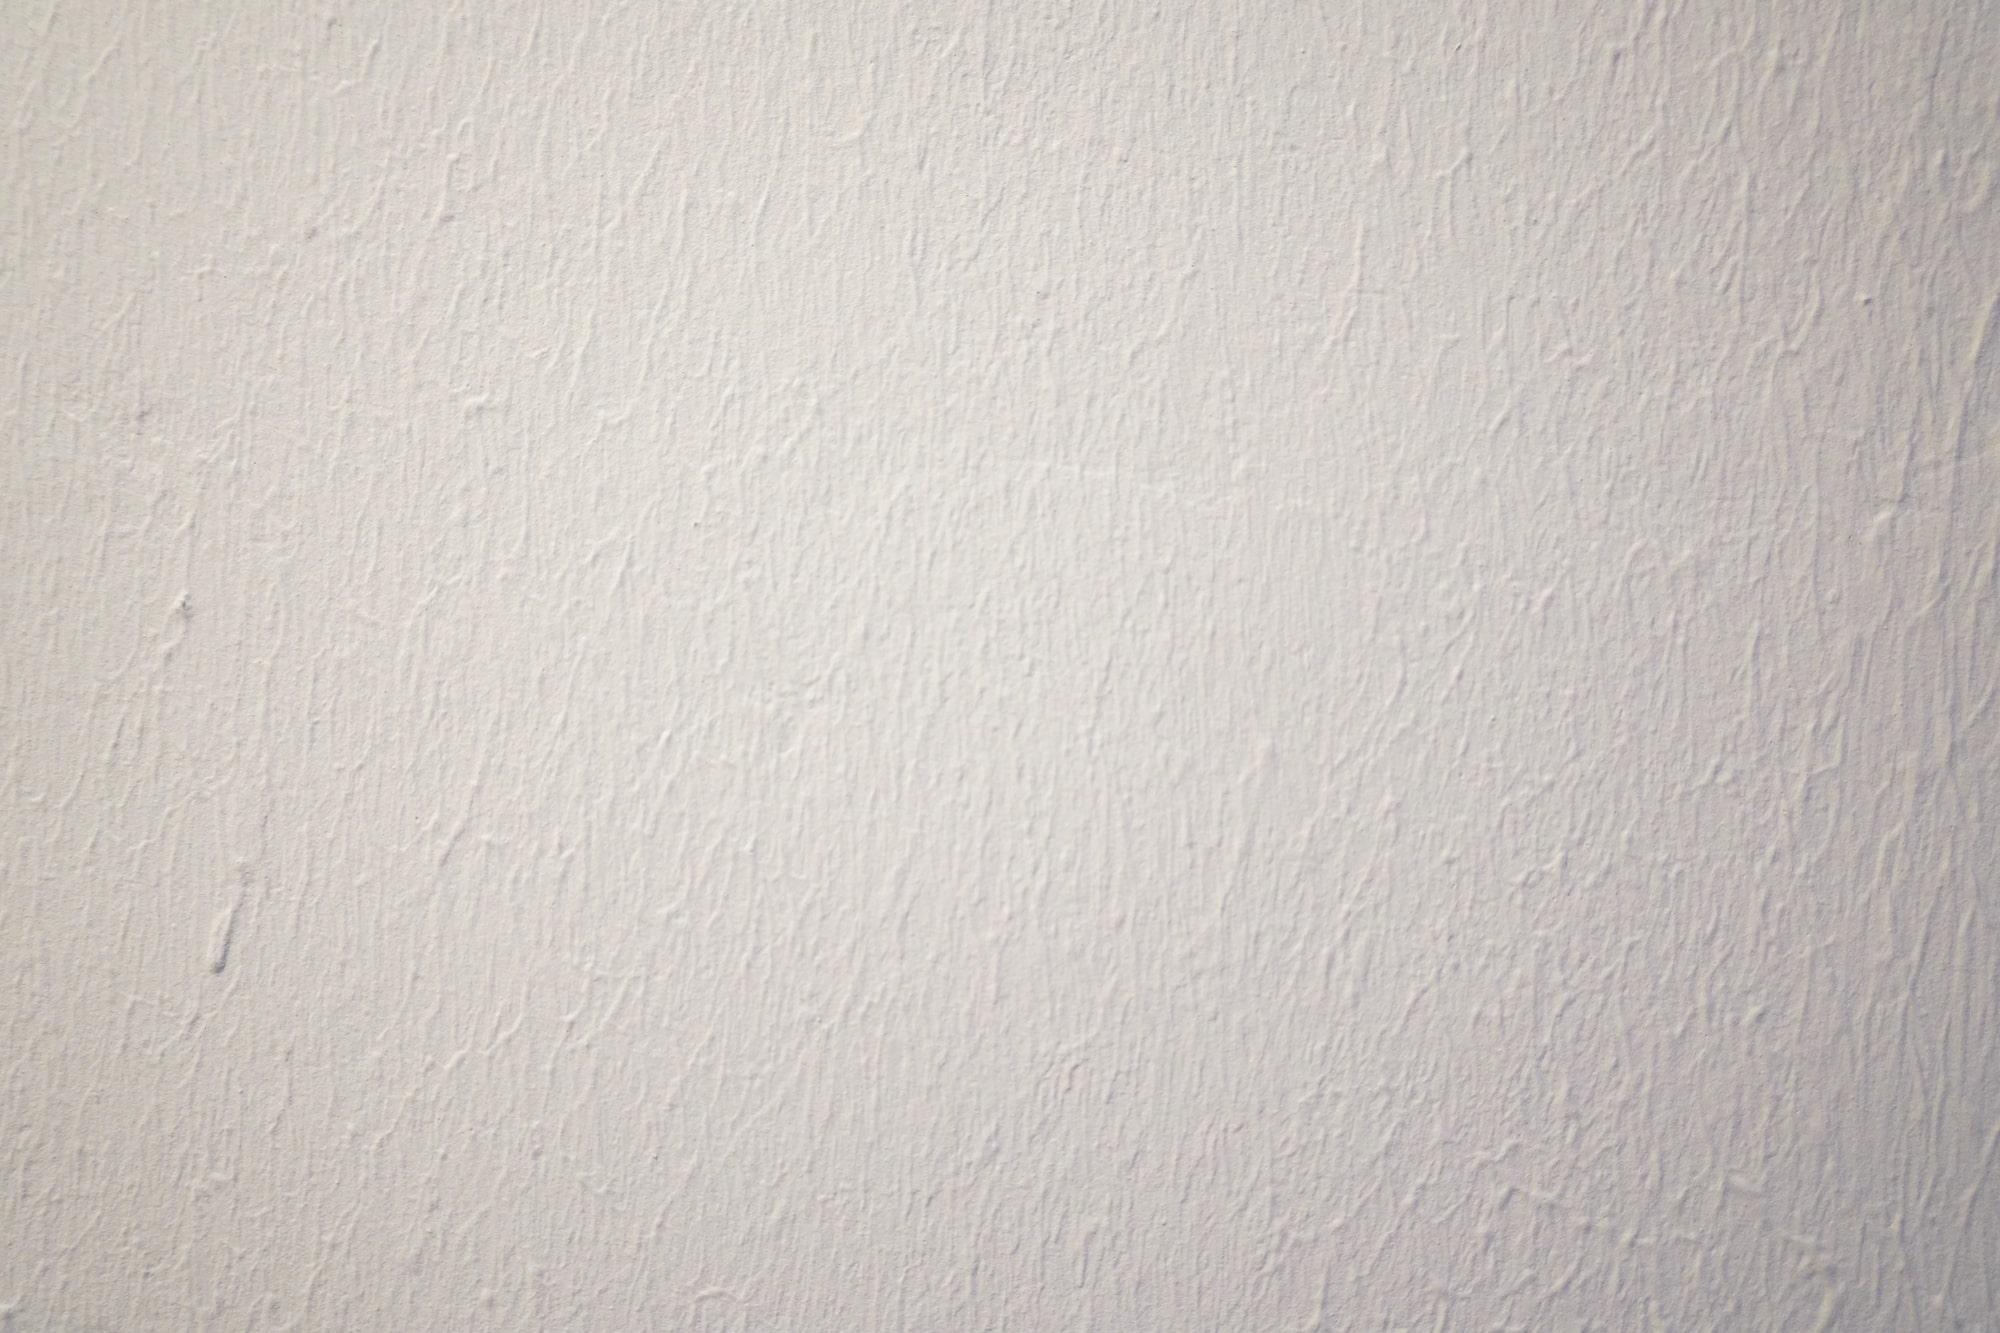 このように少しデコボコした壁にも貼れました。はがしたときに跡が残らないこともグッドです。